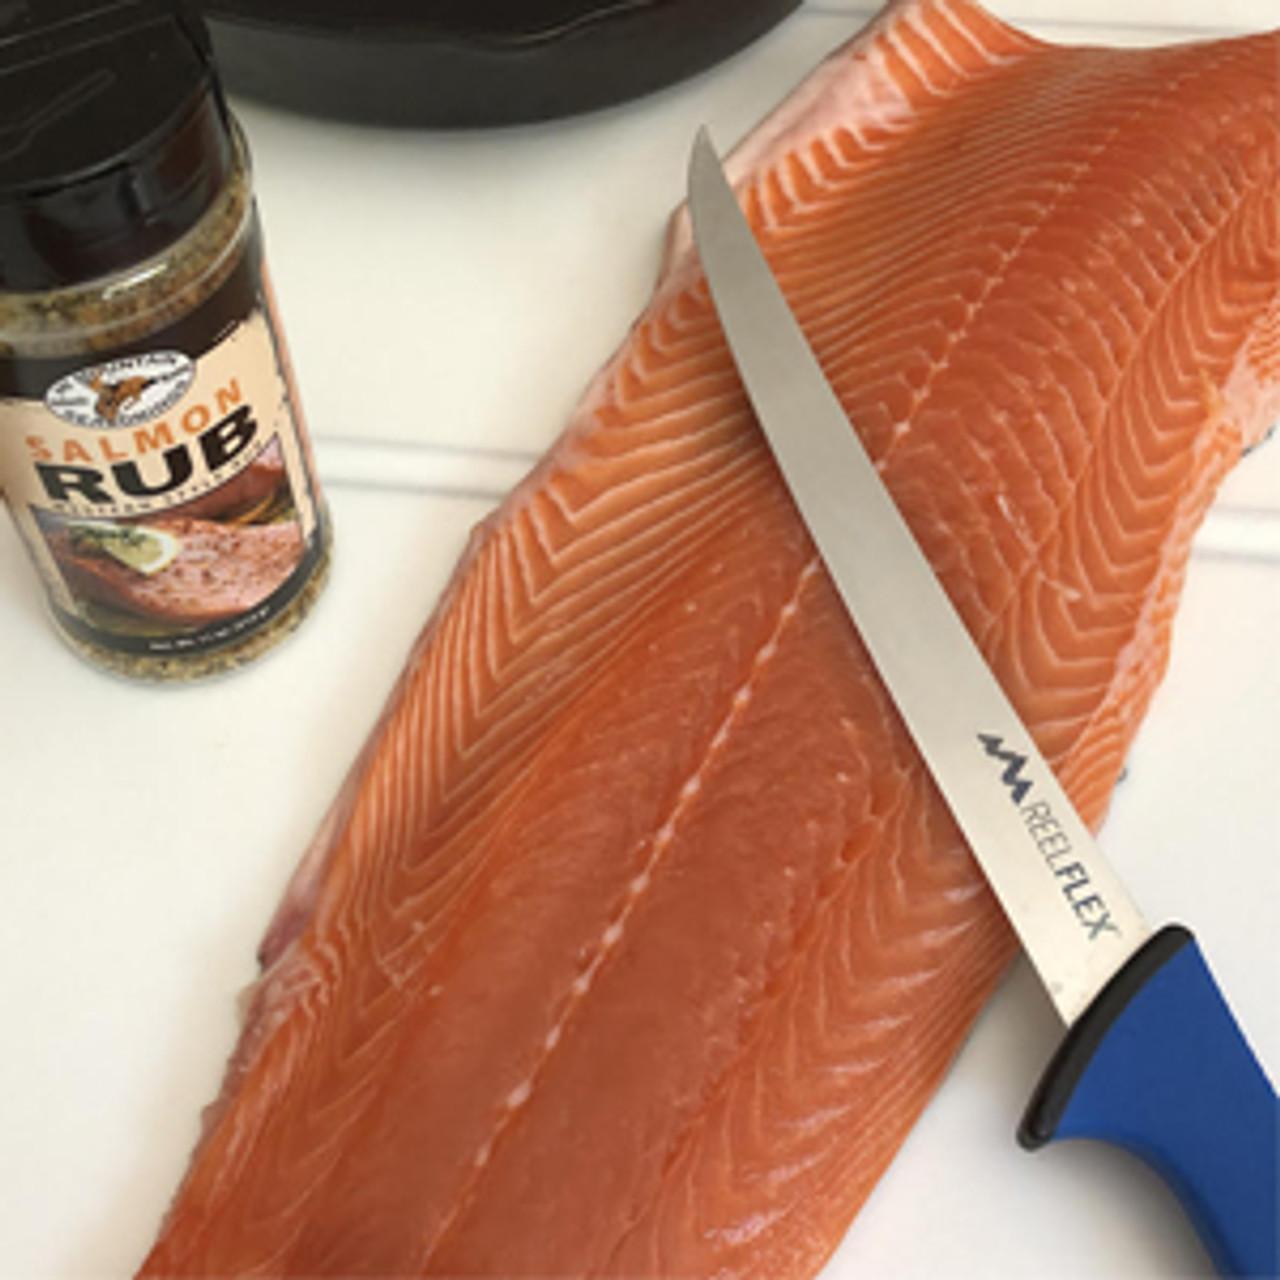 Reel-Flex Fillet Knife